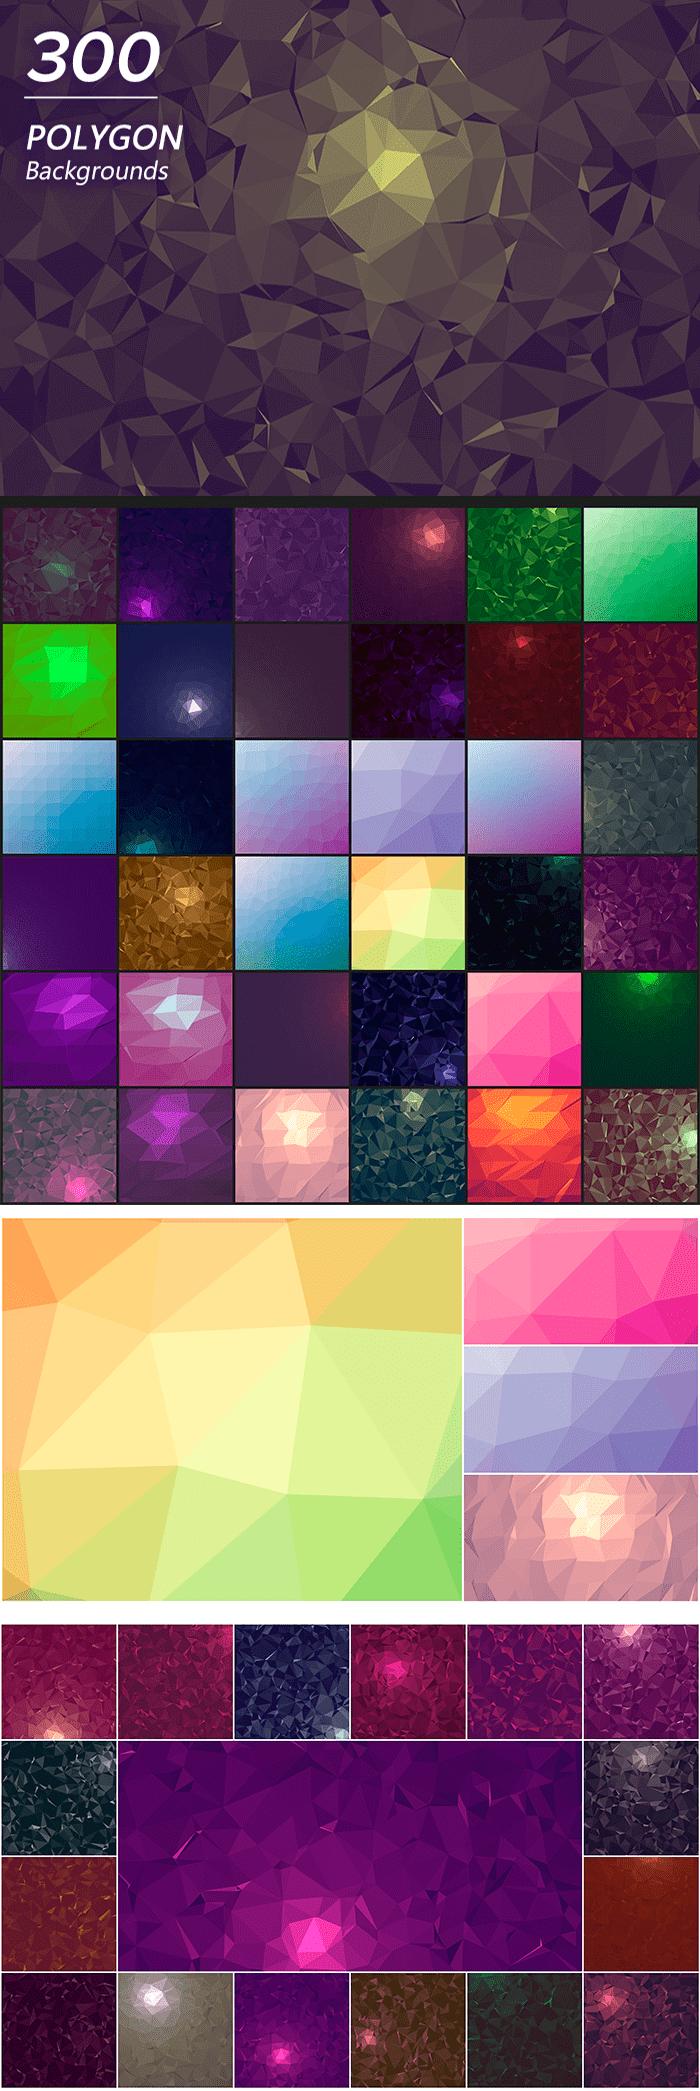 2000+ High Resolution Digital Backgrounds Bundle - $29 - 300 Polygon Backgrounds